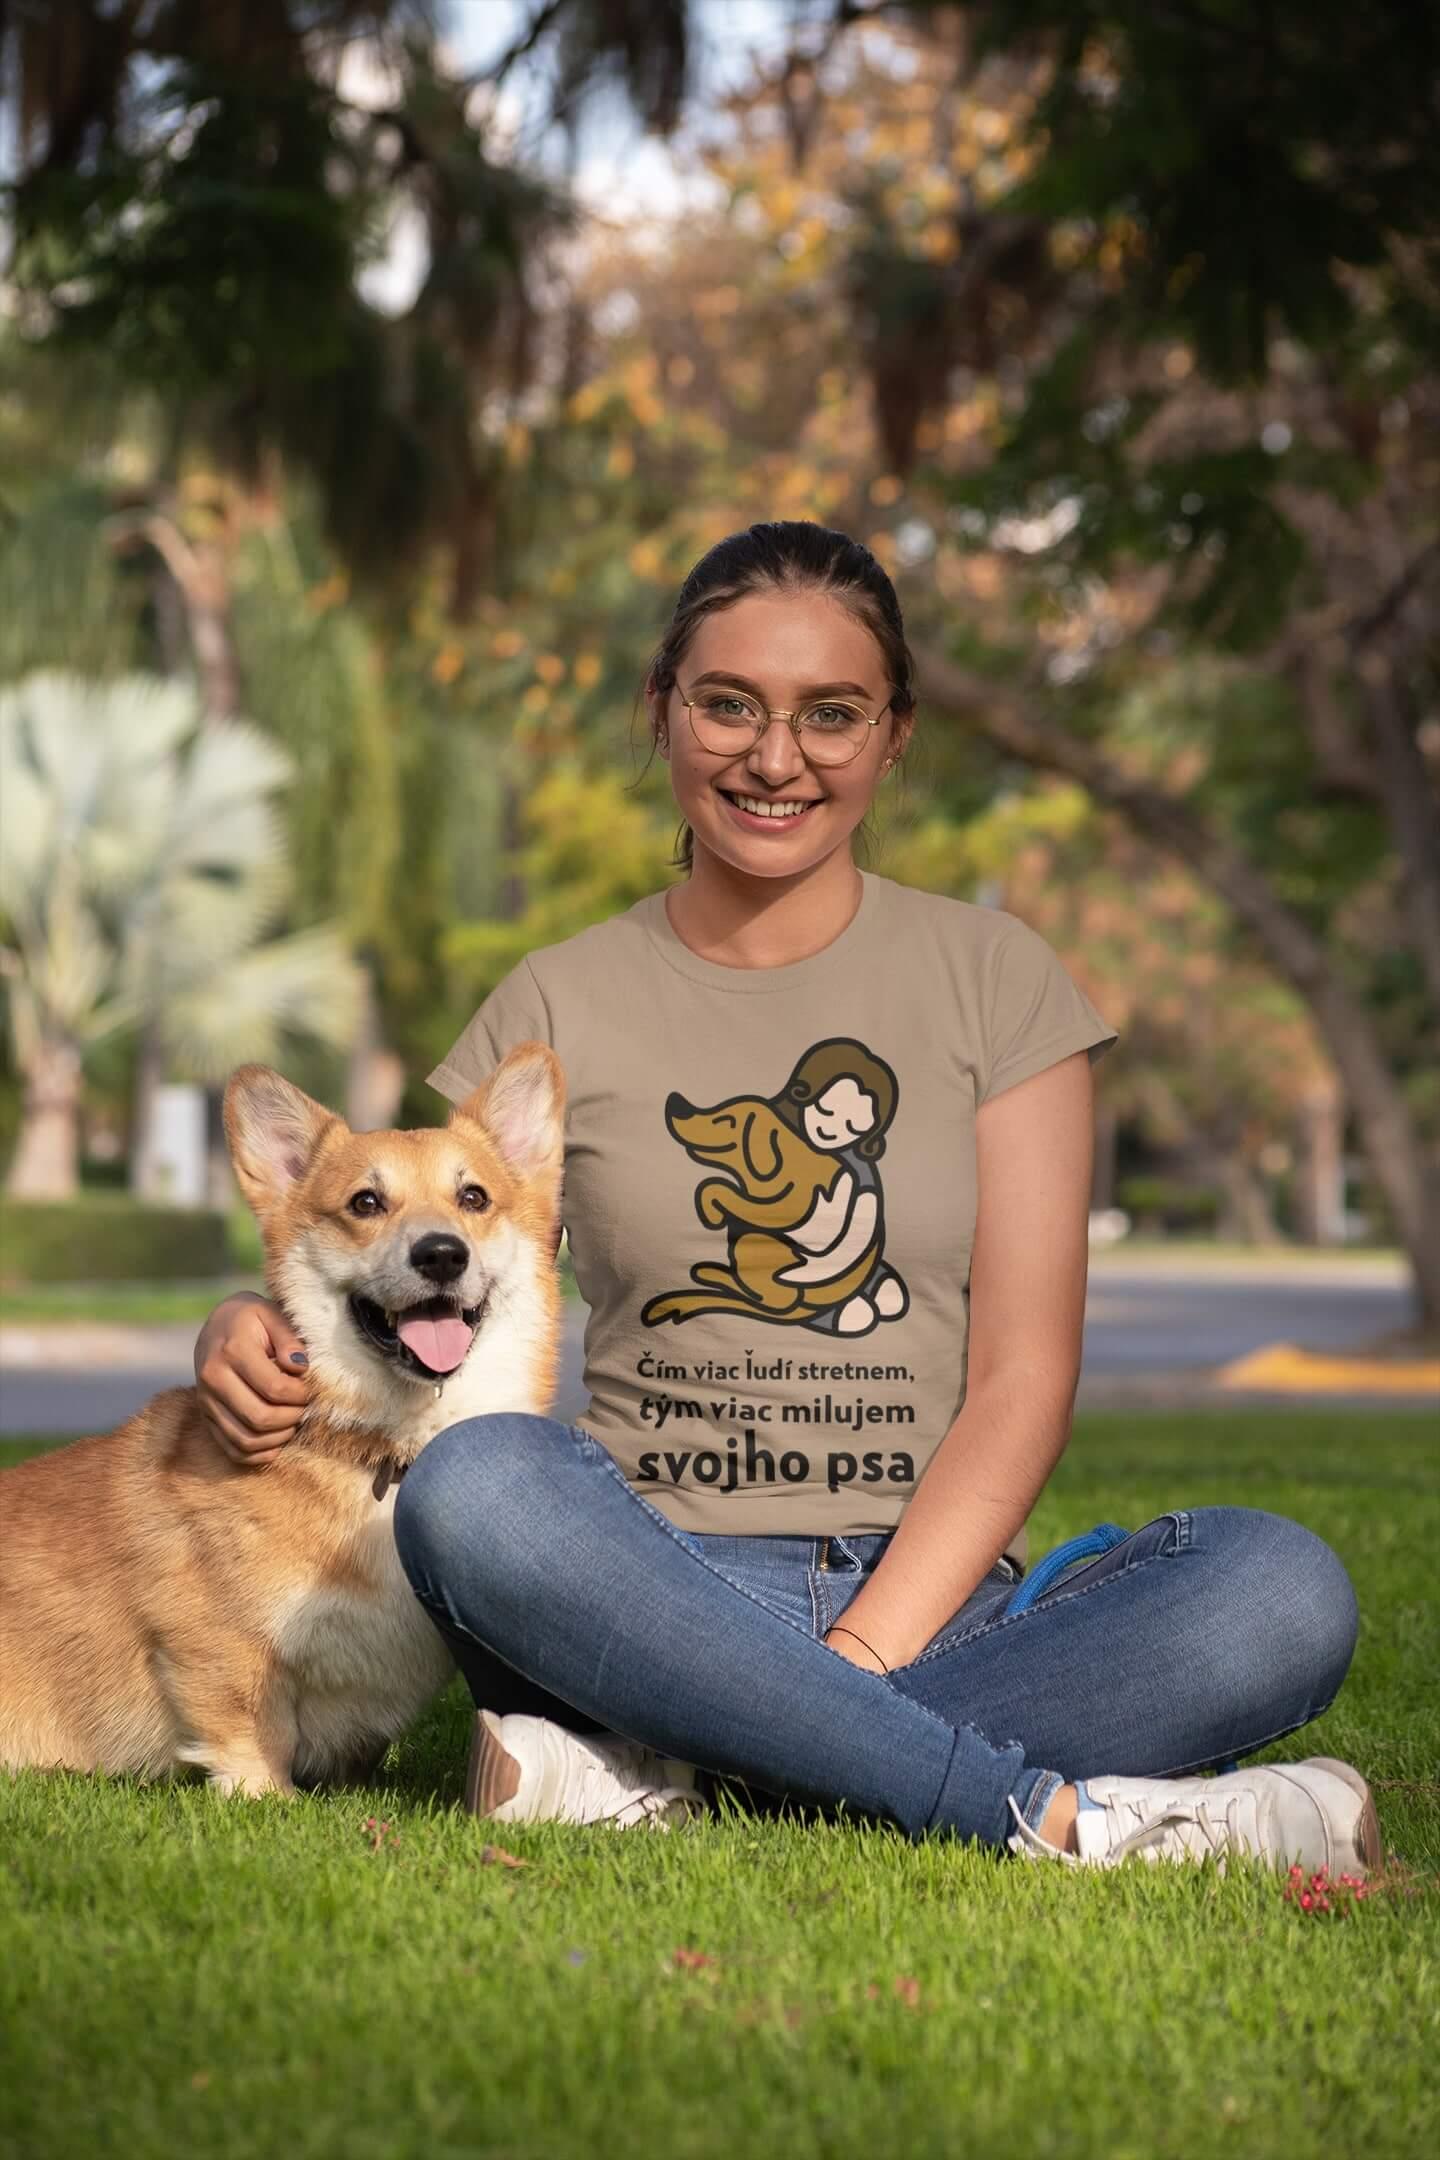 MMO Dámske tričko Milujem svojho psa Vyberte farbu: Piesková, Vyberte veľkosť: XS